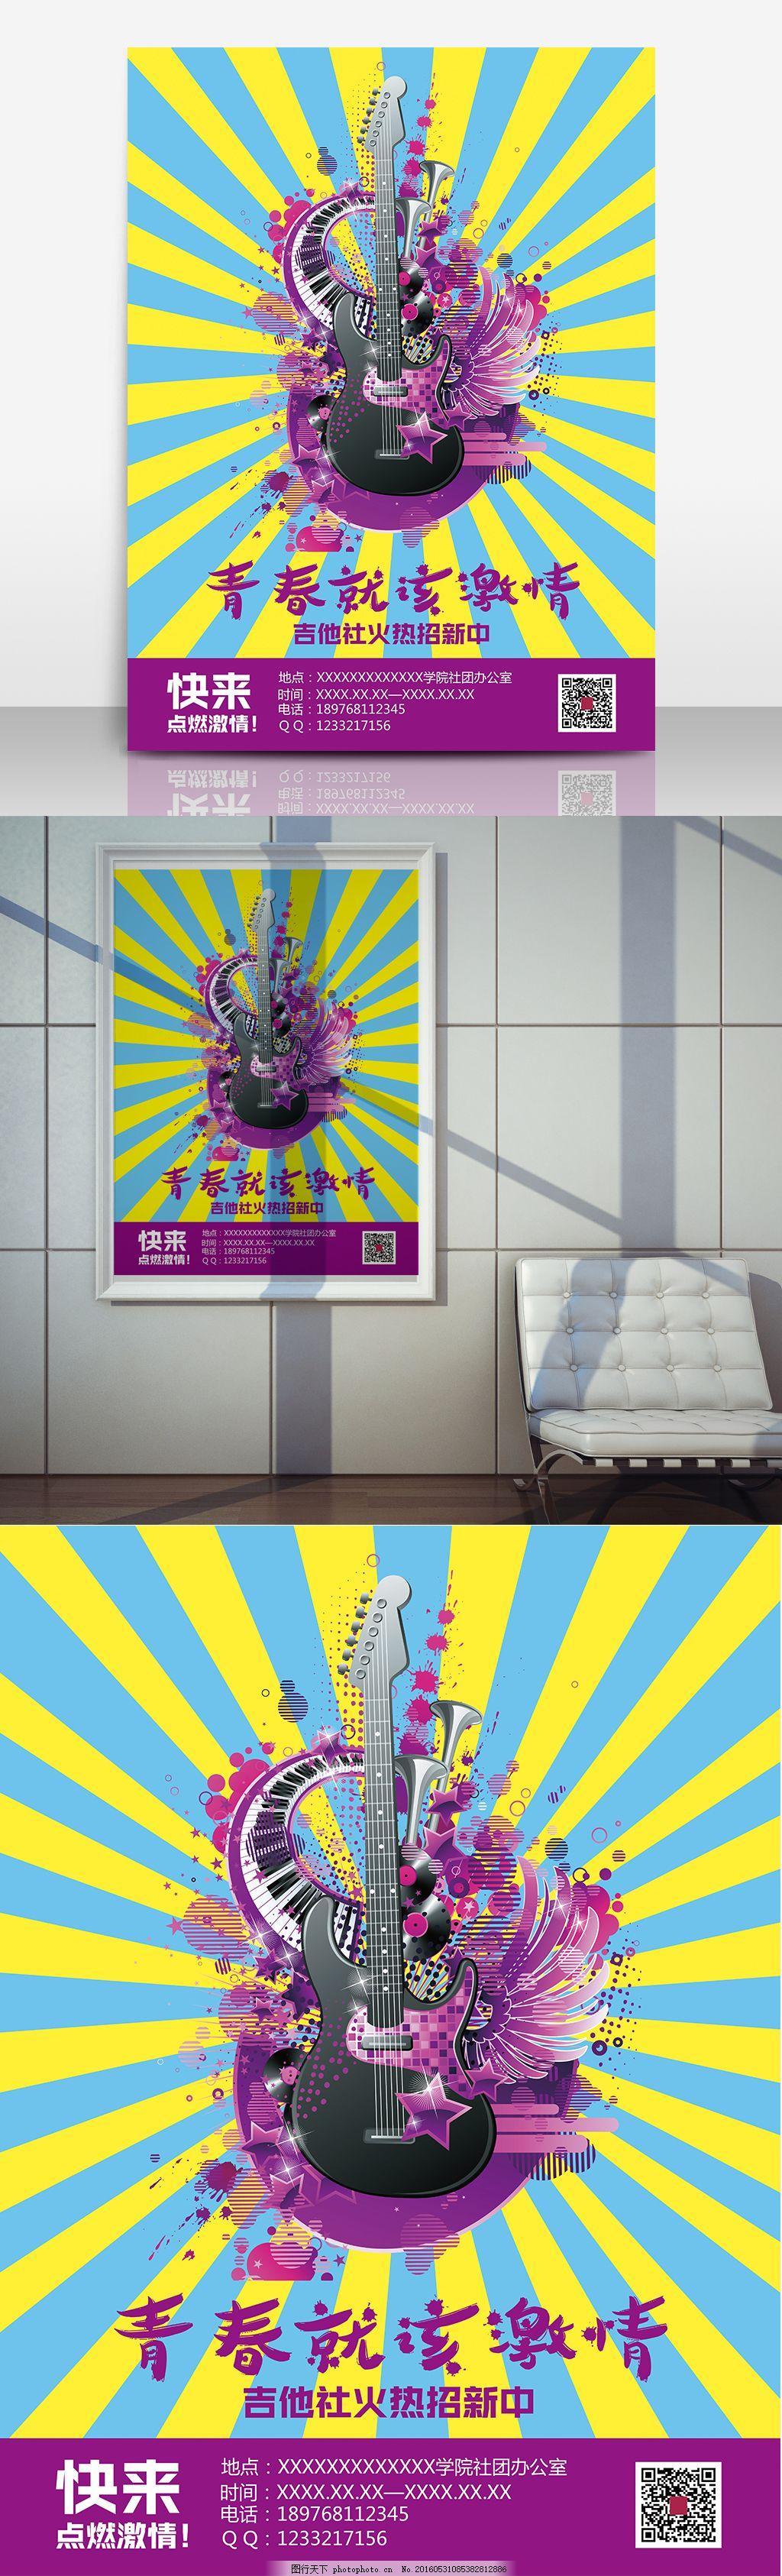 大学生社团海报吉他社招新海报